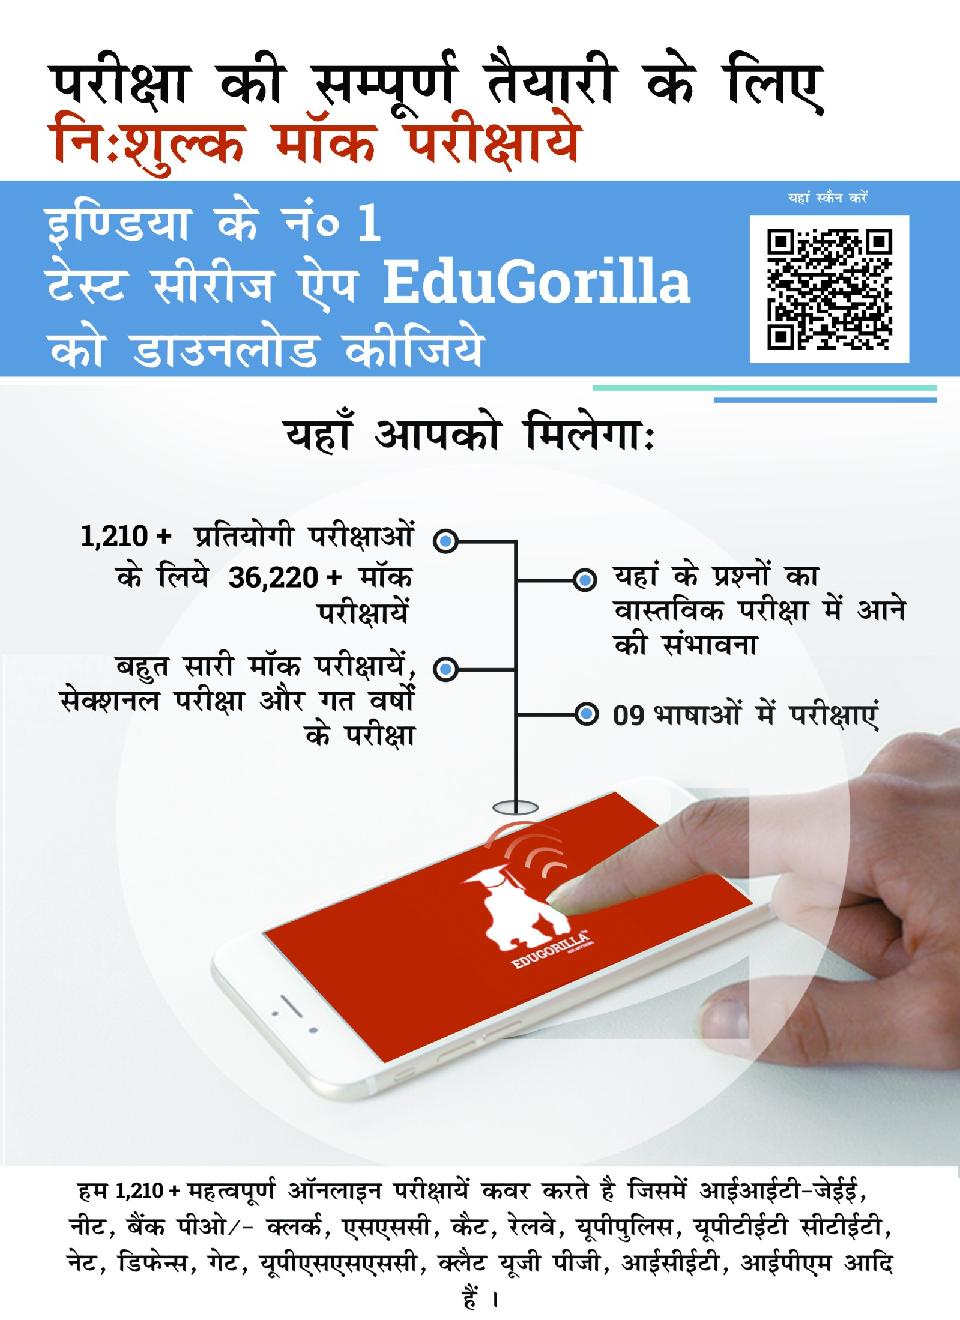 Edugorilla आरएसएमएसएसबी राजस्थान पटवारी 2020   15 मॉक परीक्षाये सम्पूर्ण तैयारी के लिए - Page 2